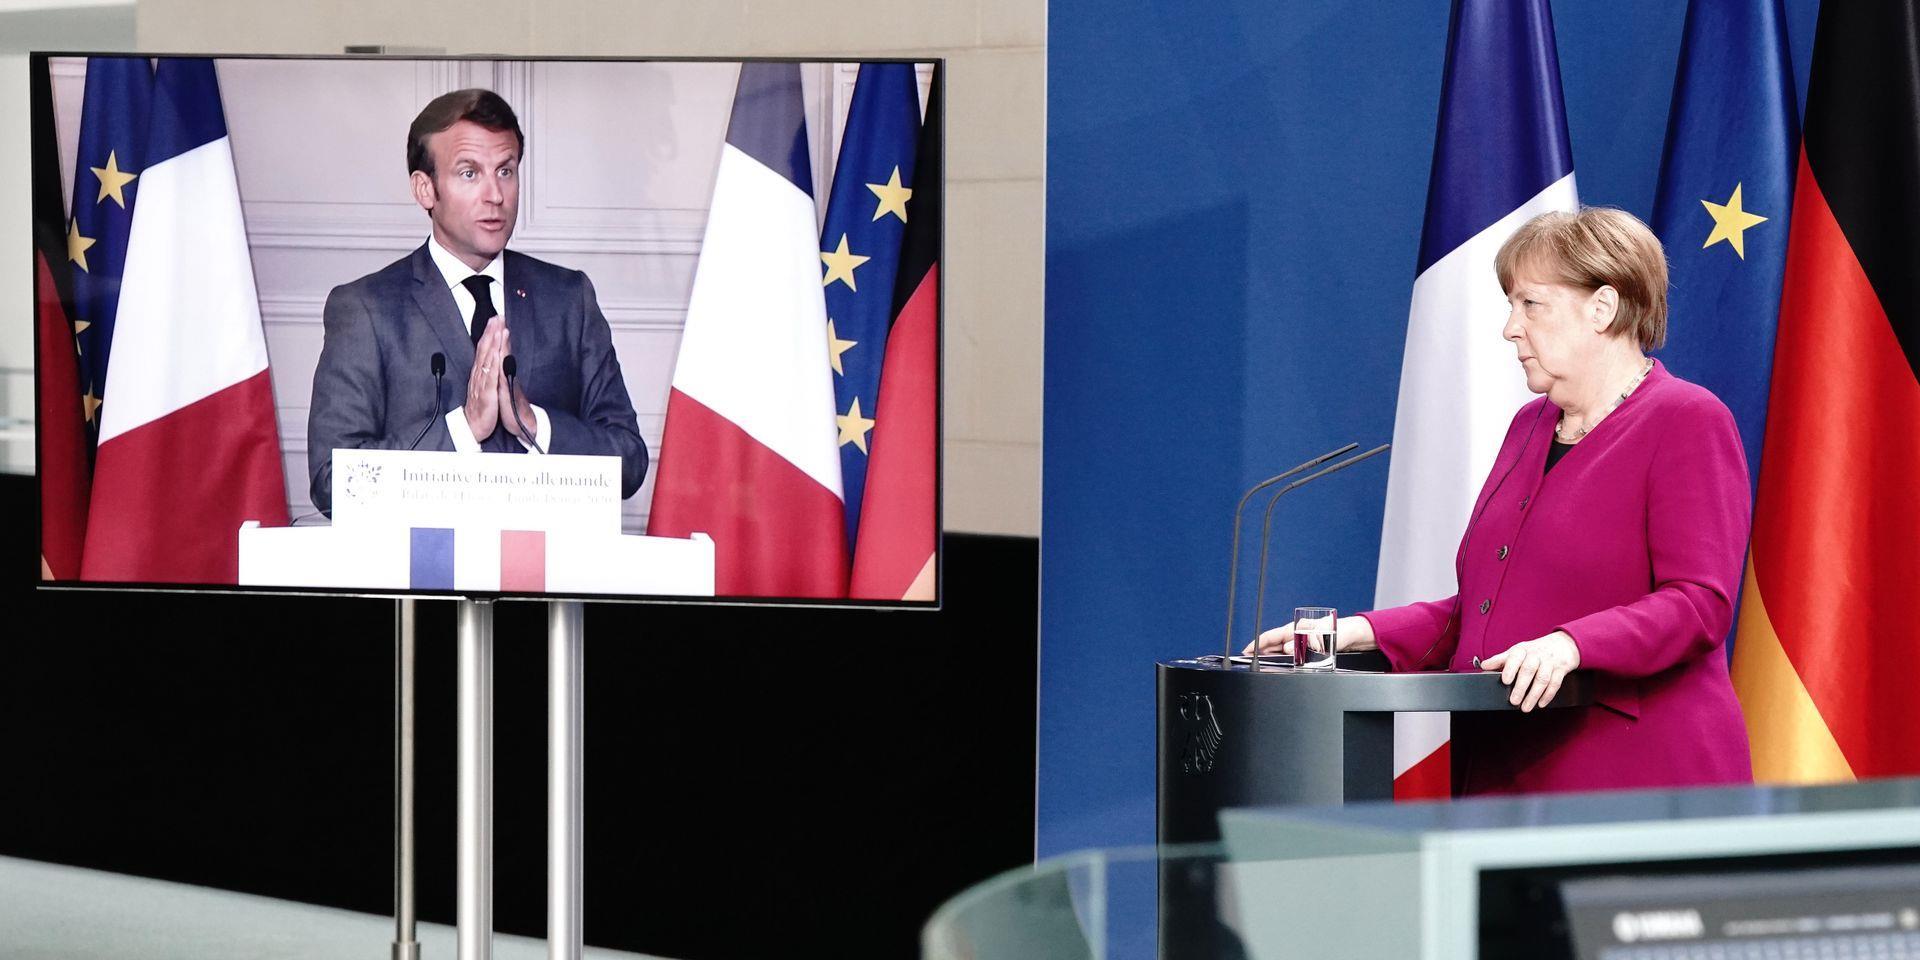 برلين وباريس تقترحان خطة نهوض بـ 500 مليار يورو لمواجهة تداعيات كورونا